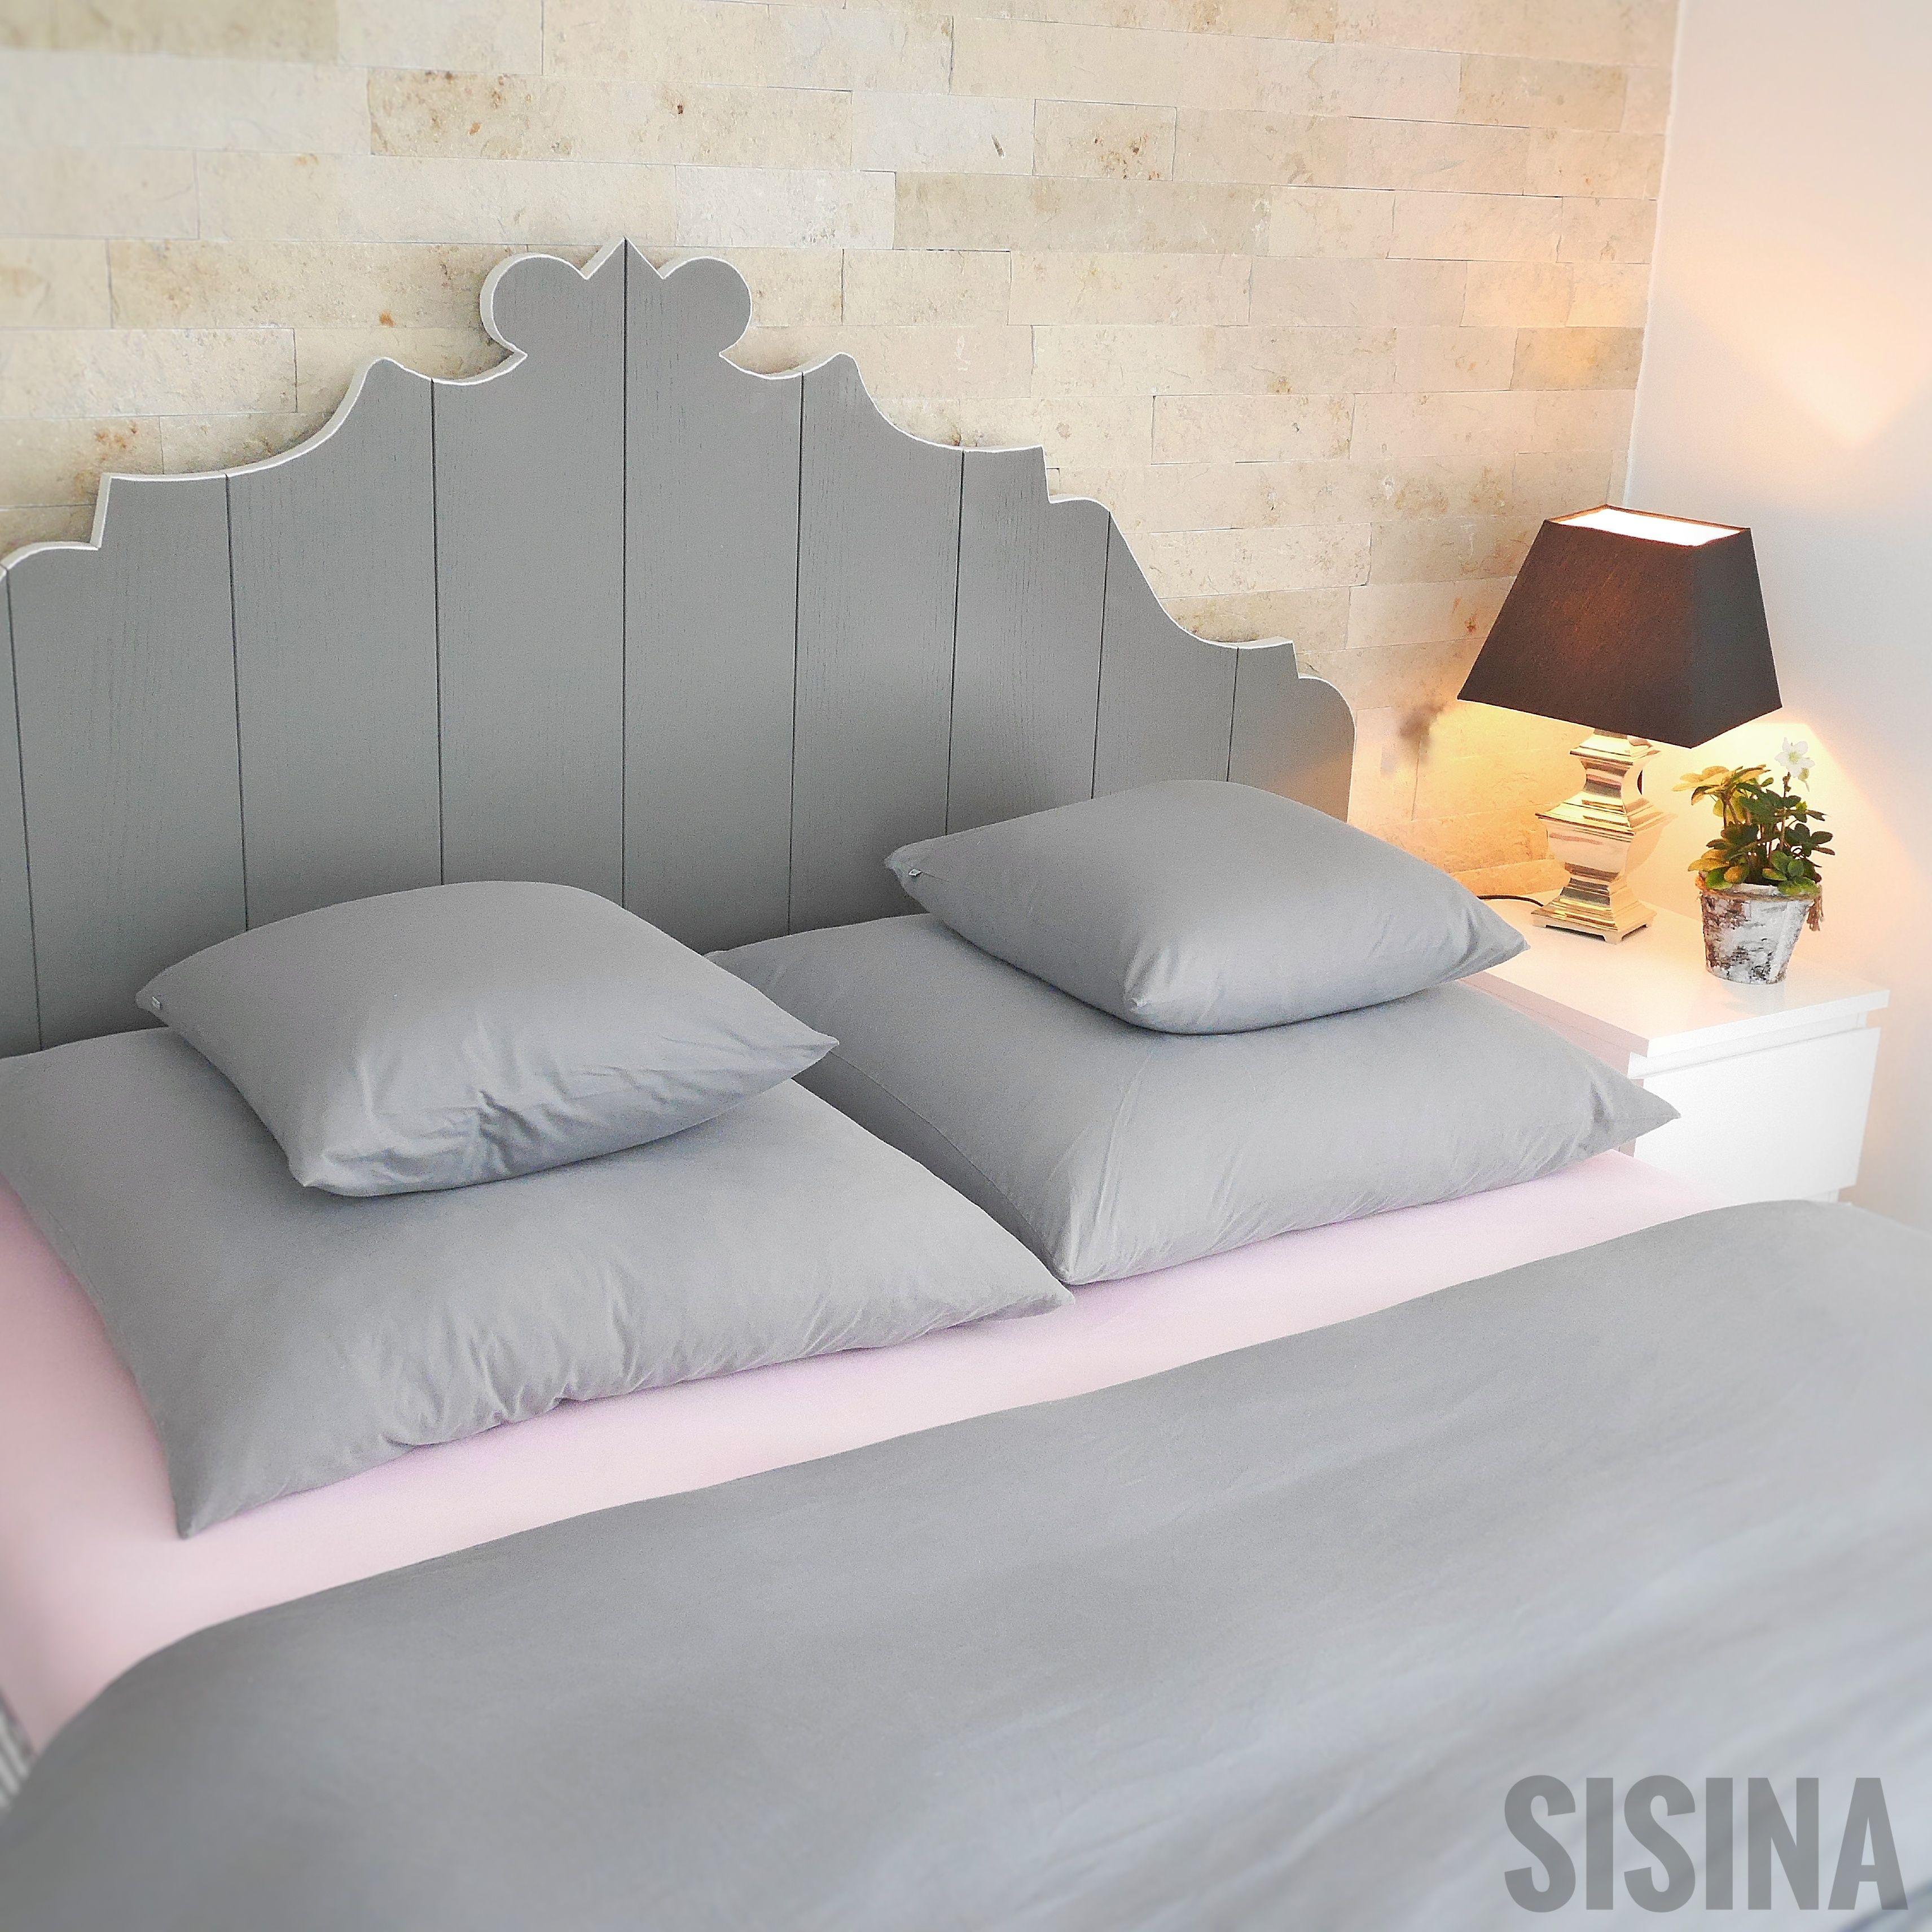 Sisina Wir Fertigen Ihre Bettwäsche Oder Spannbettüchern Nach Maß